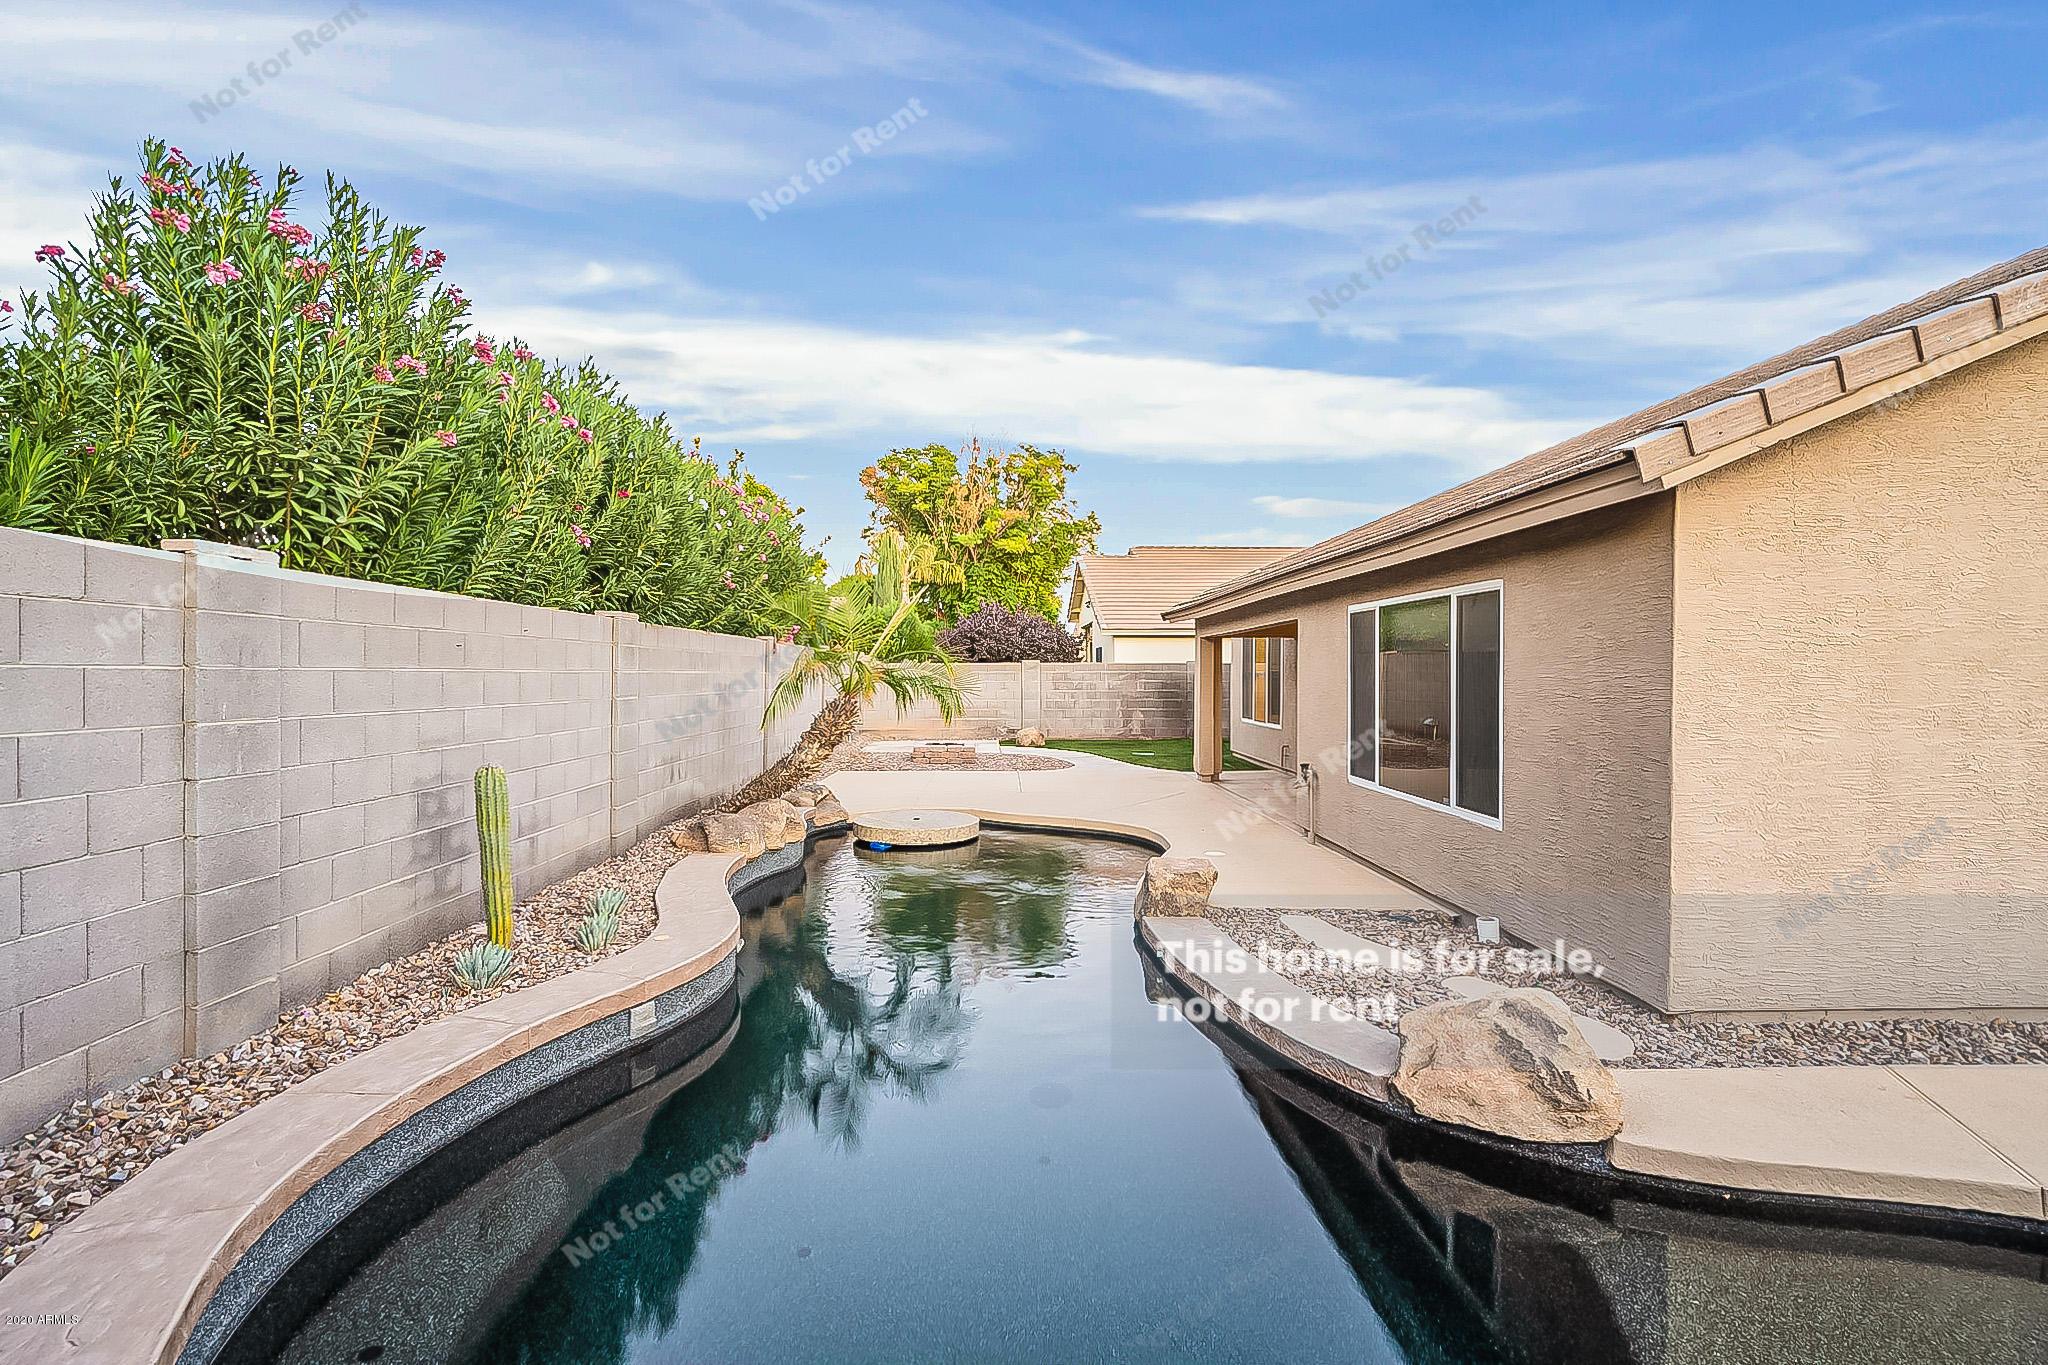 MLS 6156586 1156 E ERIE Street, Gilbert, AZ 85295 Ashland Ranch